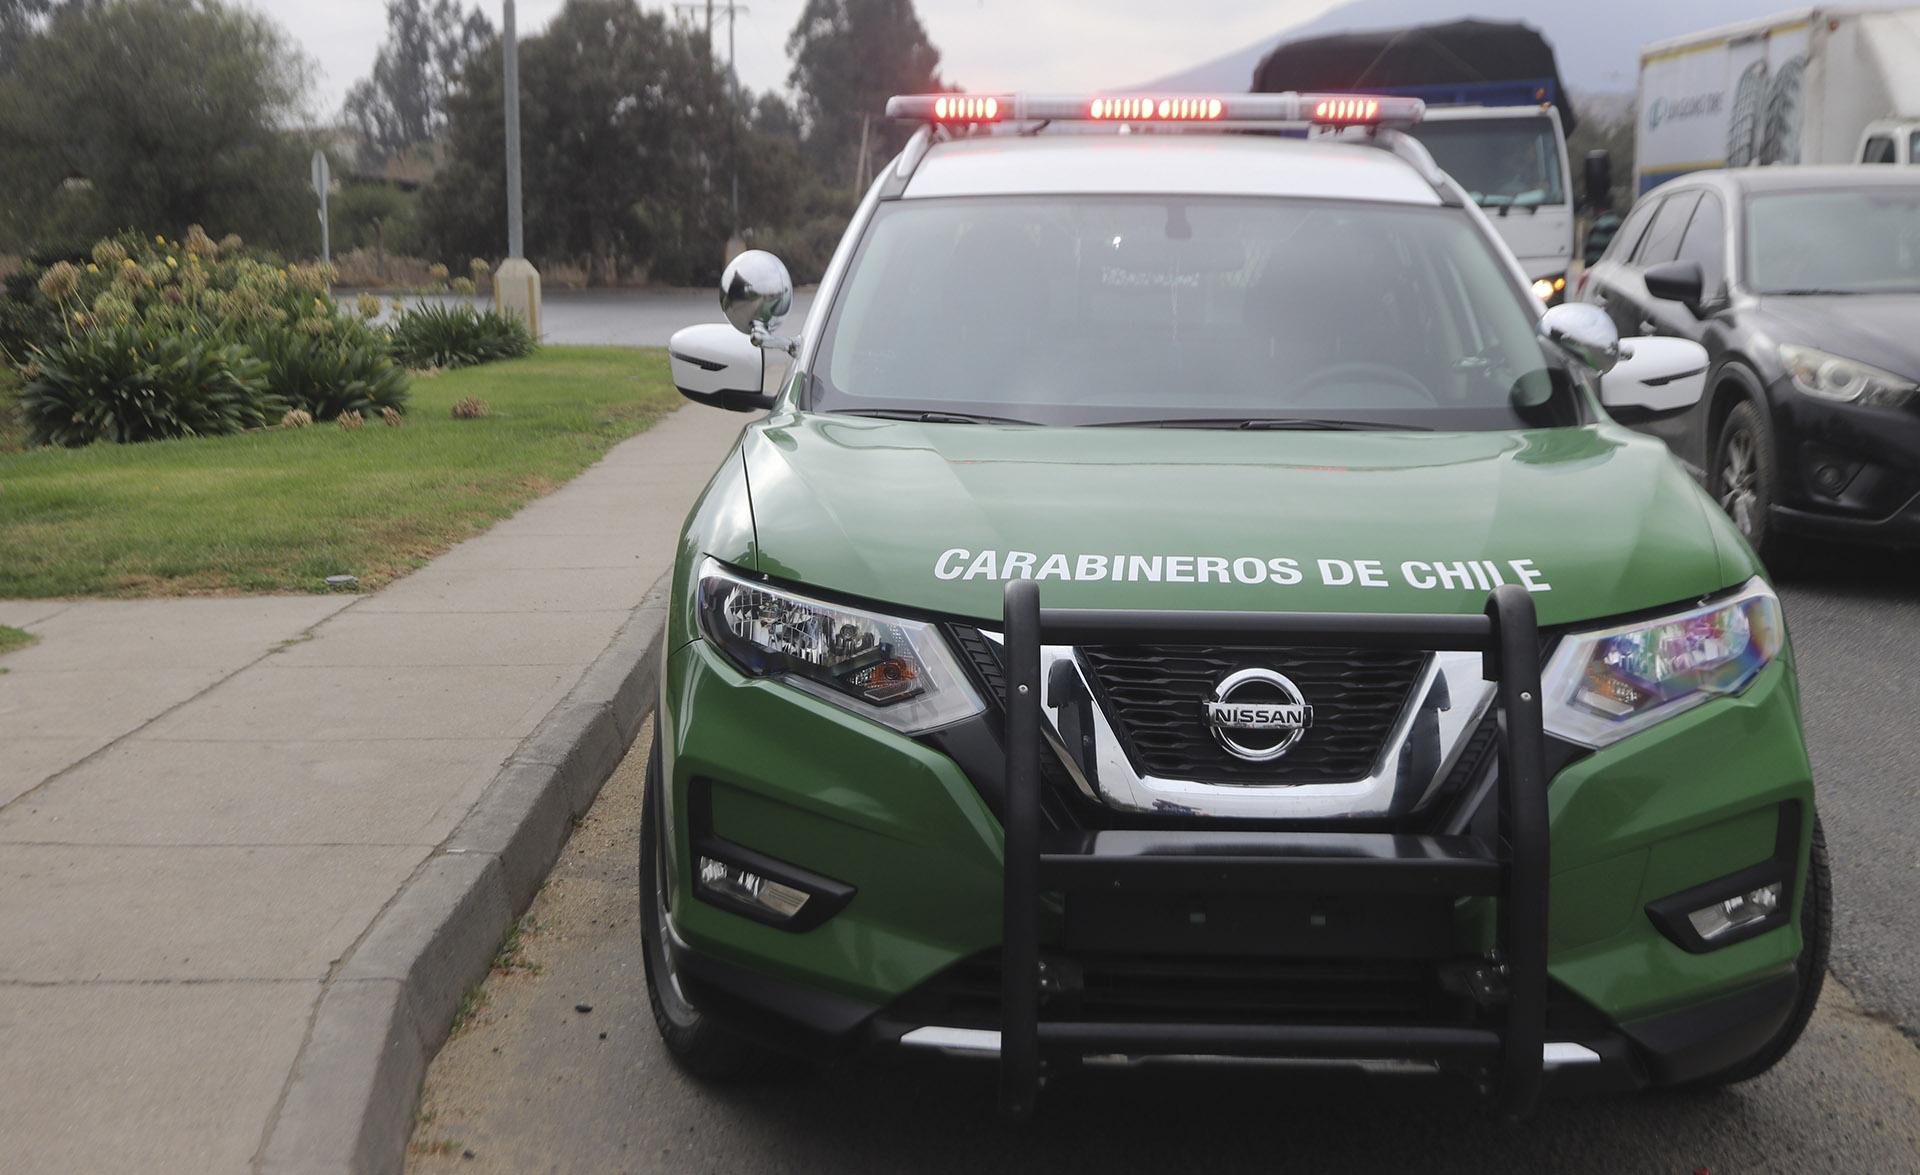 Dos carabineros deberán cumplir medidas cautelares por apremios ilegítimos a detenido en Temuco